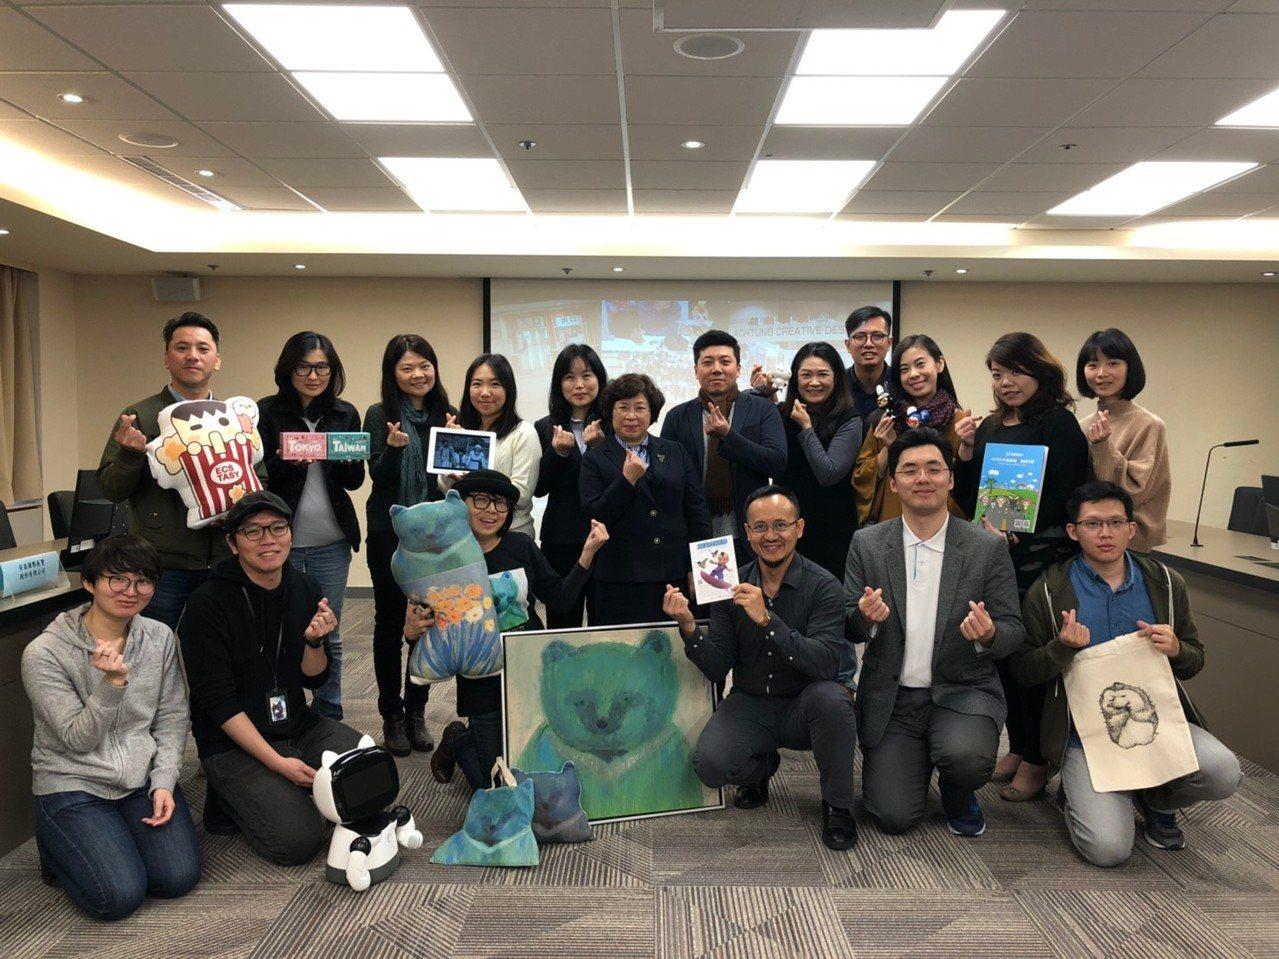 本年貿協臺灣館為授權展區最大的海外組團單位,類別包含原創圖像、藝術圖像授權、VR...